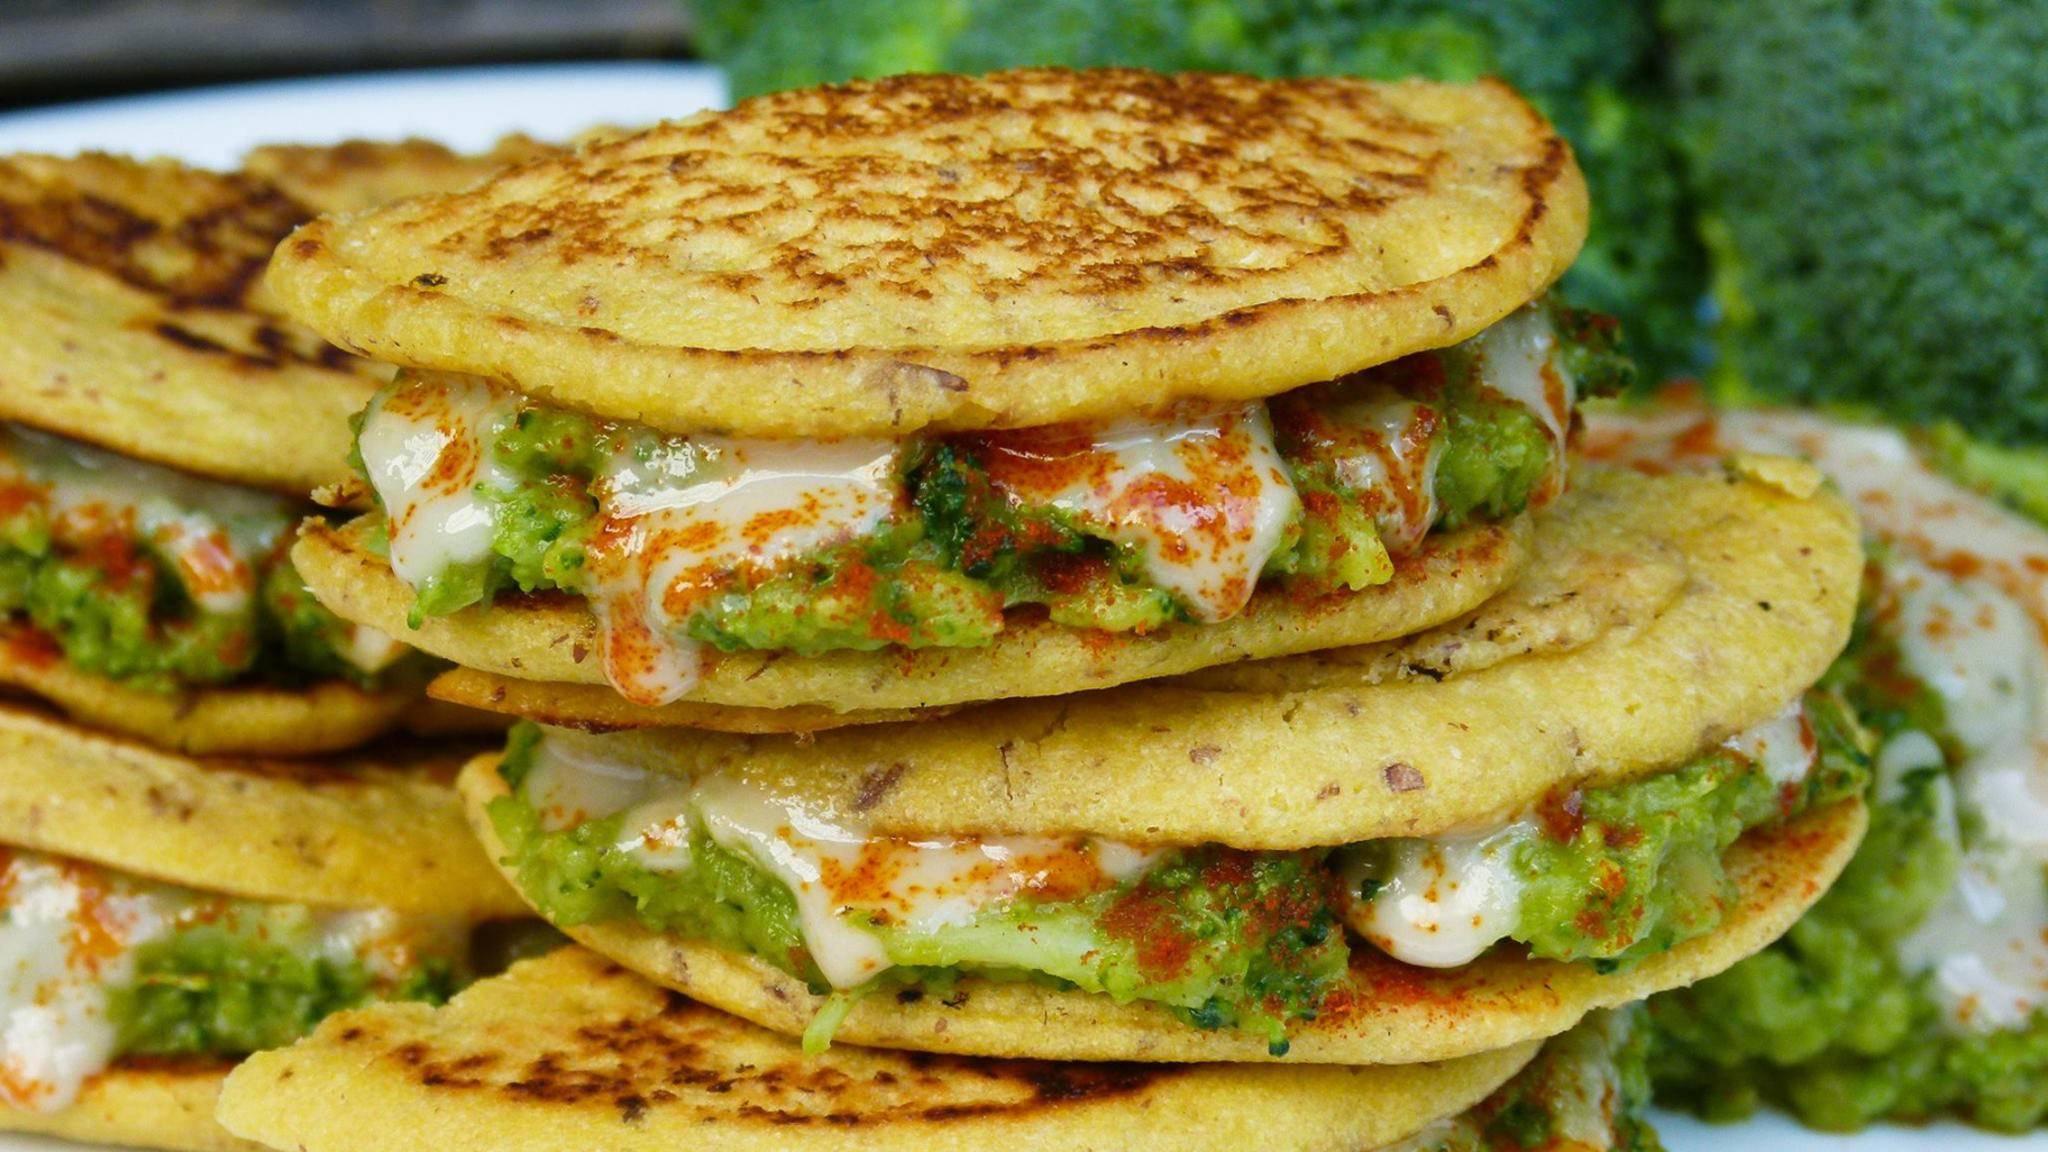 Zum Weltvegantag: 8 vegane Gerichte, die jedem schmecken